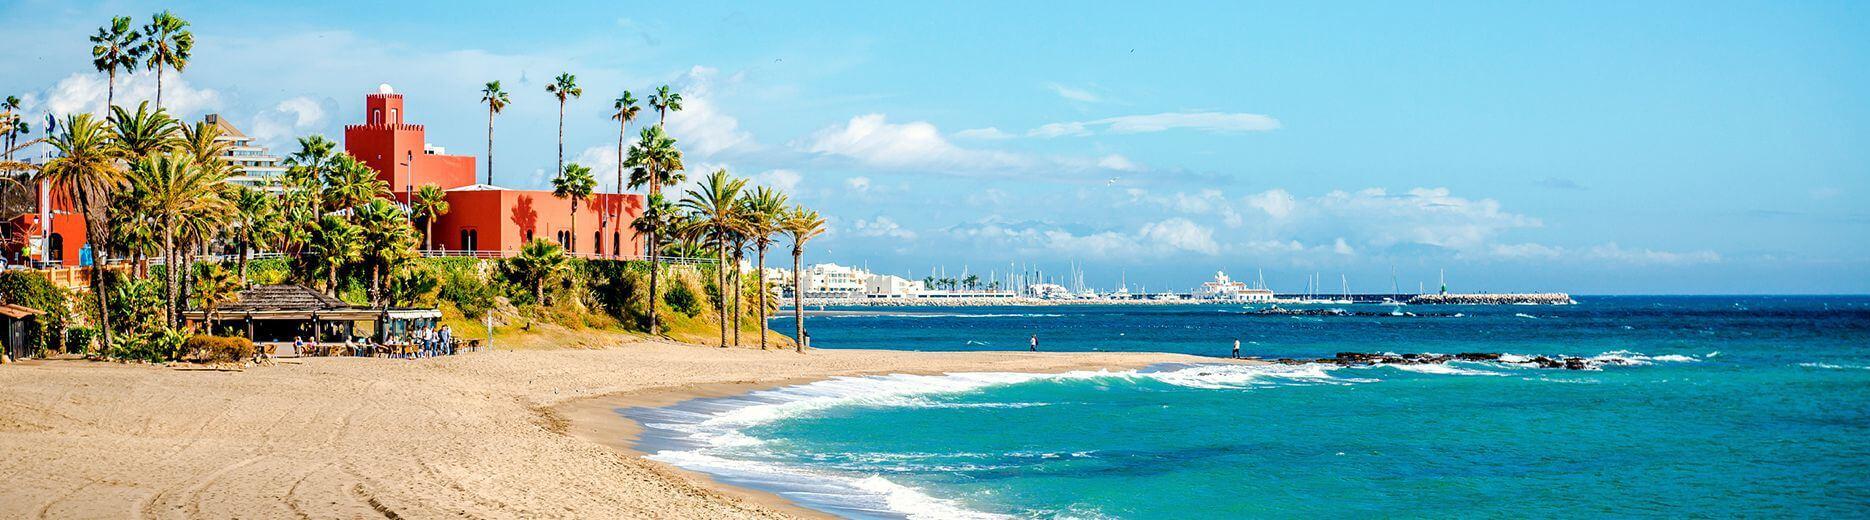 Spanien Costa del Sol, Panorama Bild, Palmen, Strand, Hafen, Boote